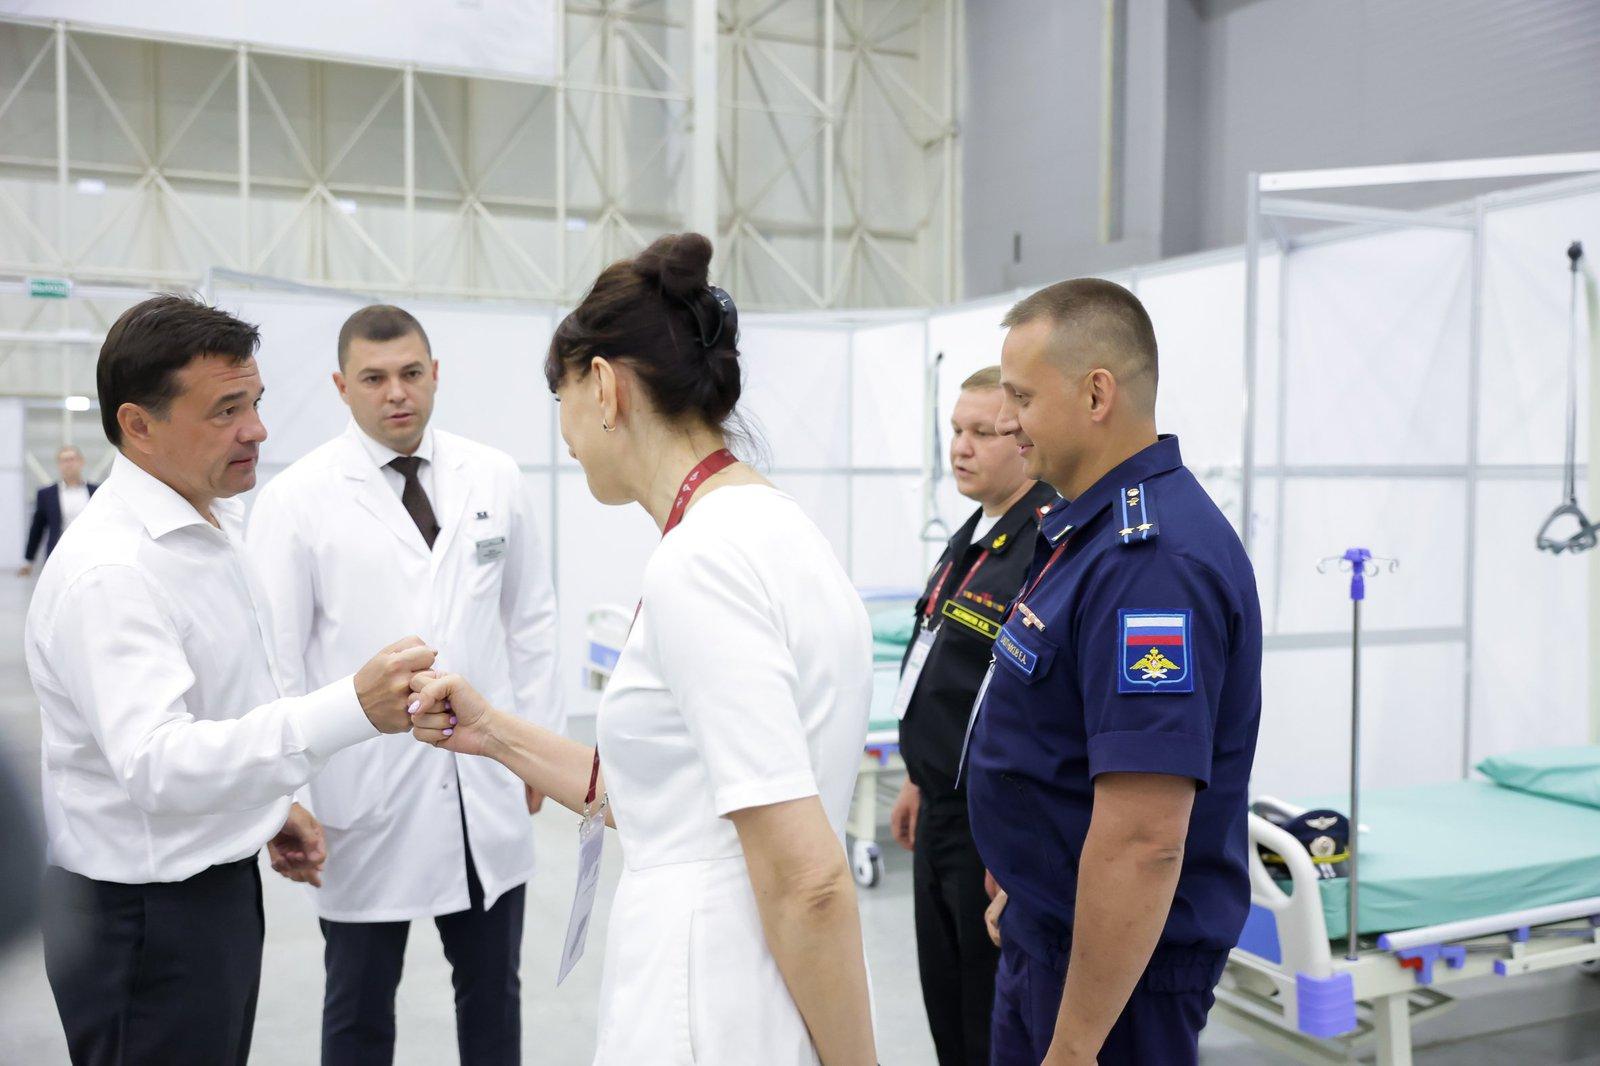 Андрей Воробьев губернатор московской области - Еще раз о вакцинации. Ковид в Подмосковье и новые ограничения